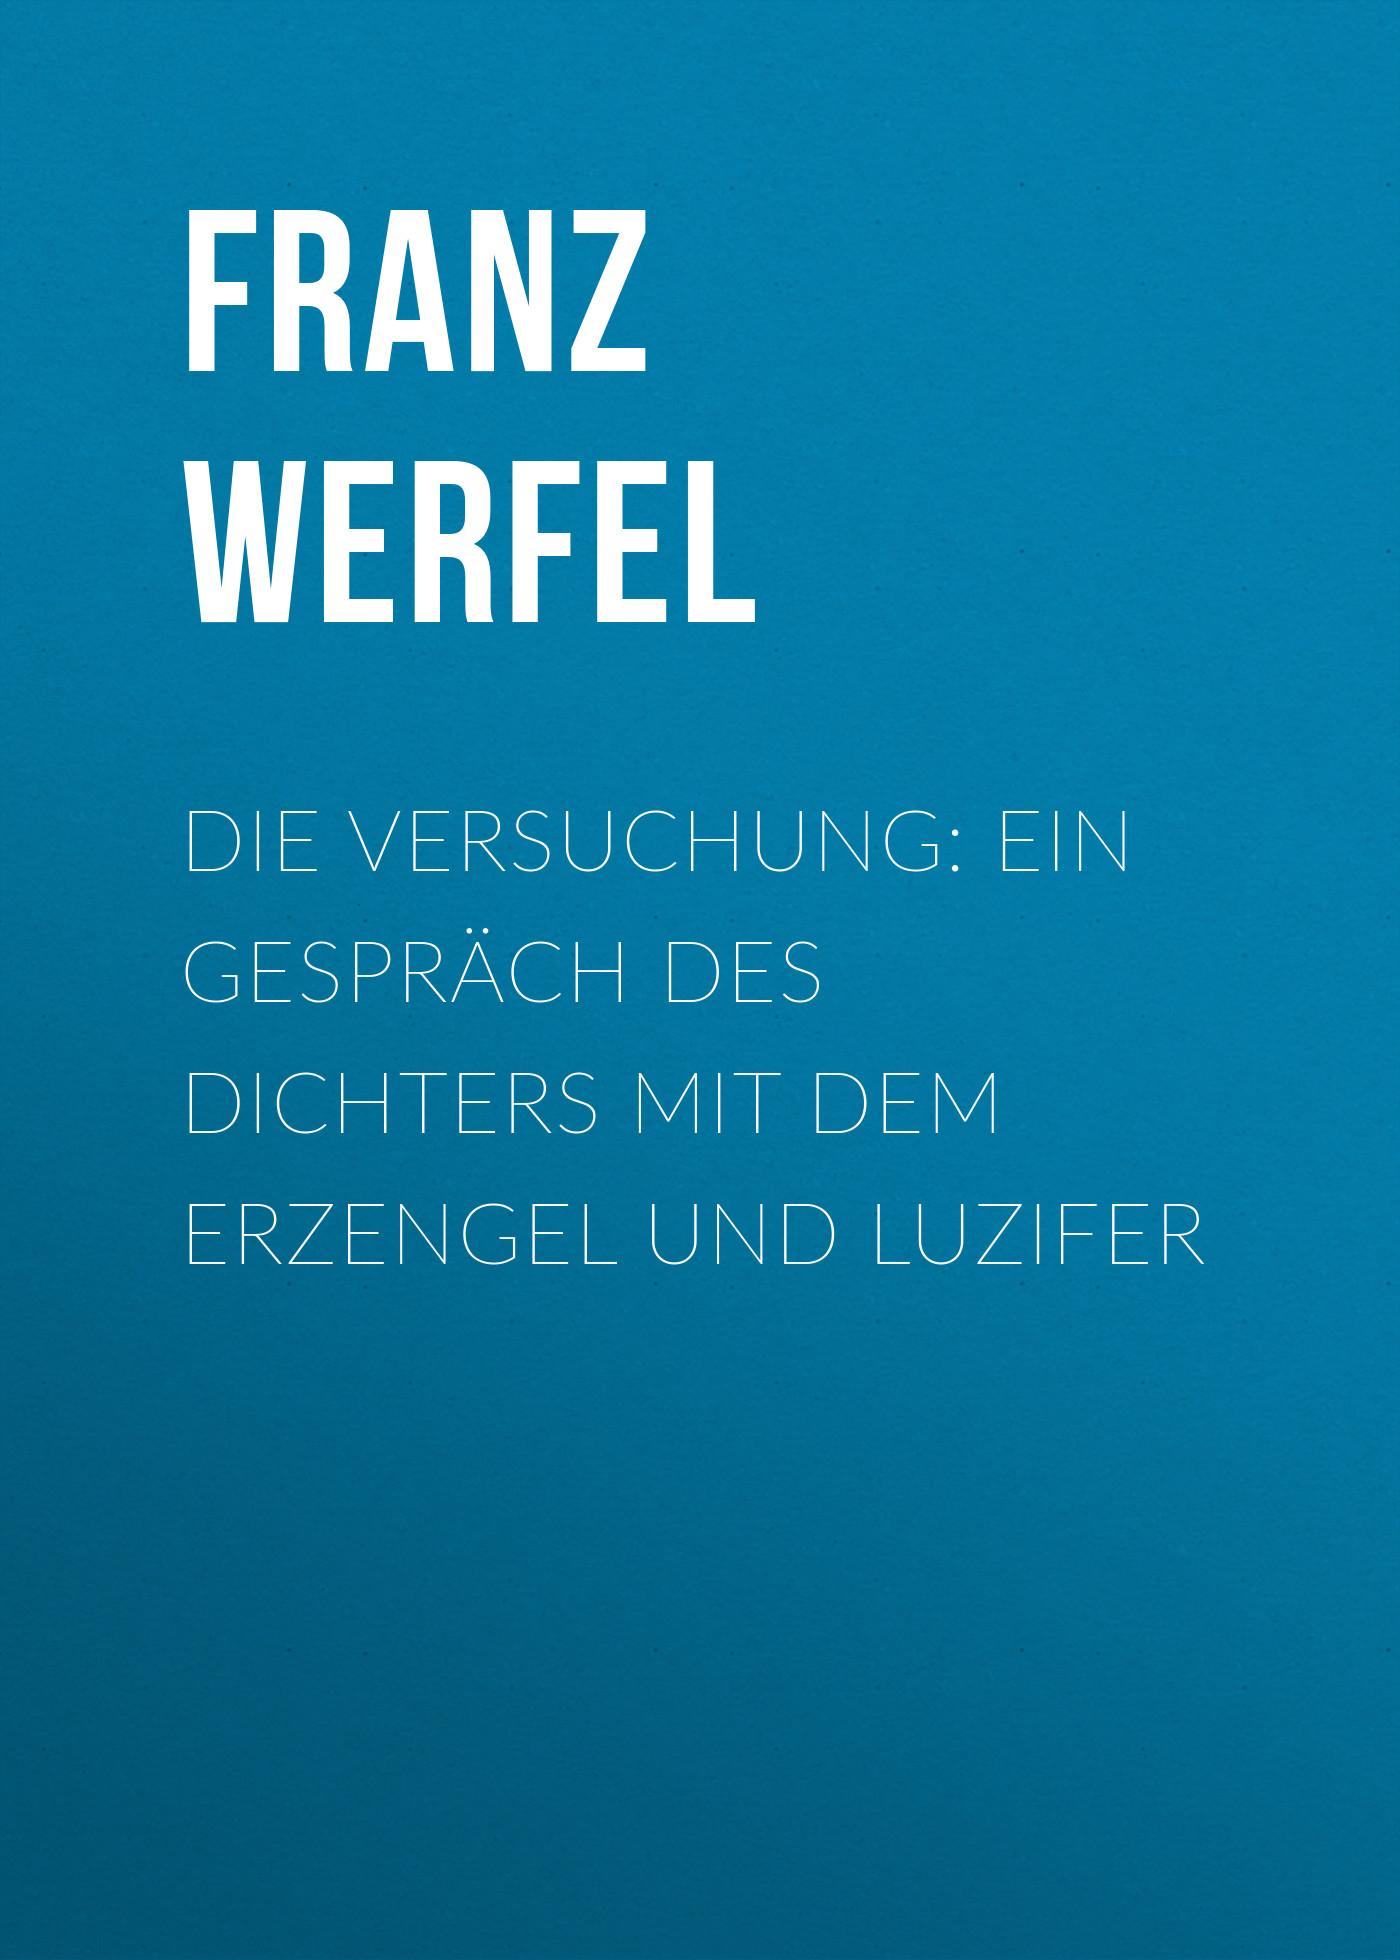 Franz Werfel Die Versuchung: Ein Gespräch des Dichters mit dem Erzengel und Luzifer huismann wilfried rendezvous mit dem tod